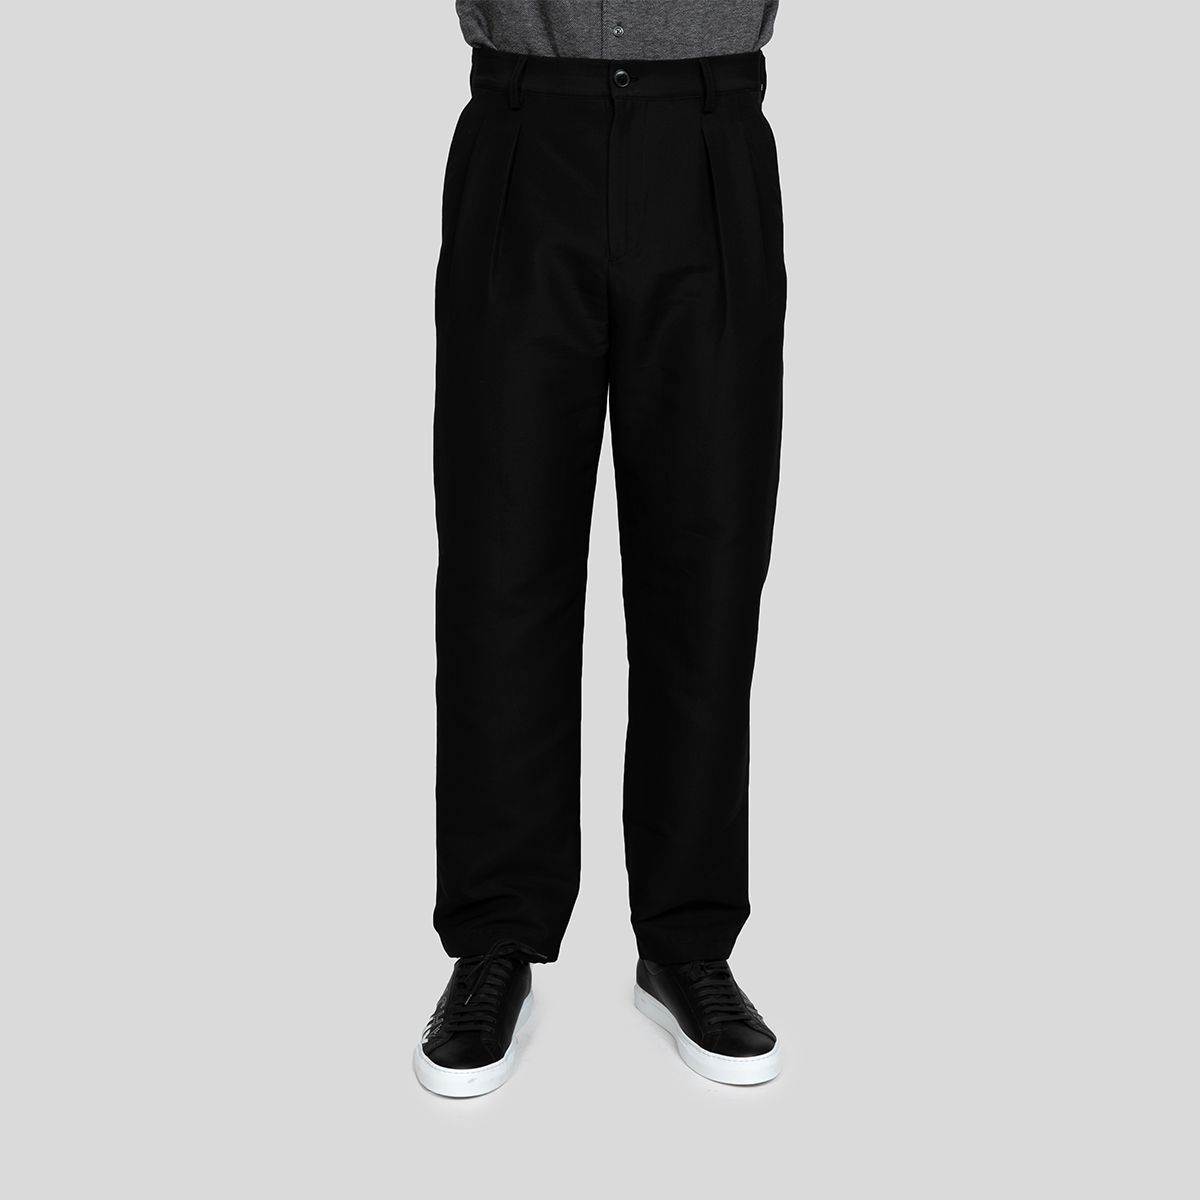 Valentino ヴァレンティノ ブラック ルーズ フィット パンツ Black Loose-Fit Trousers